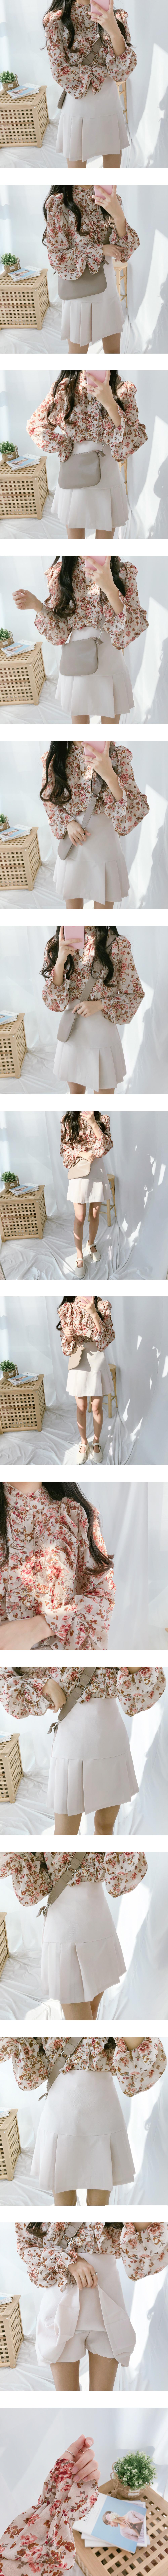 Nari Pleated Skirt